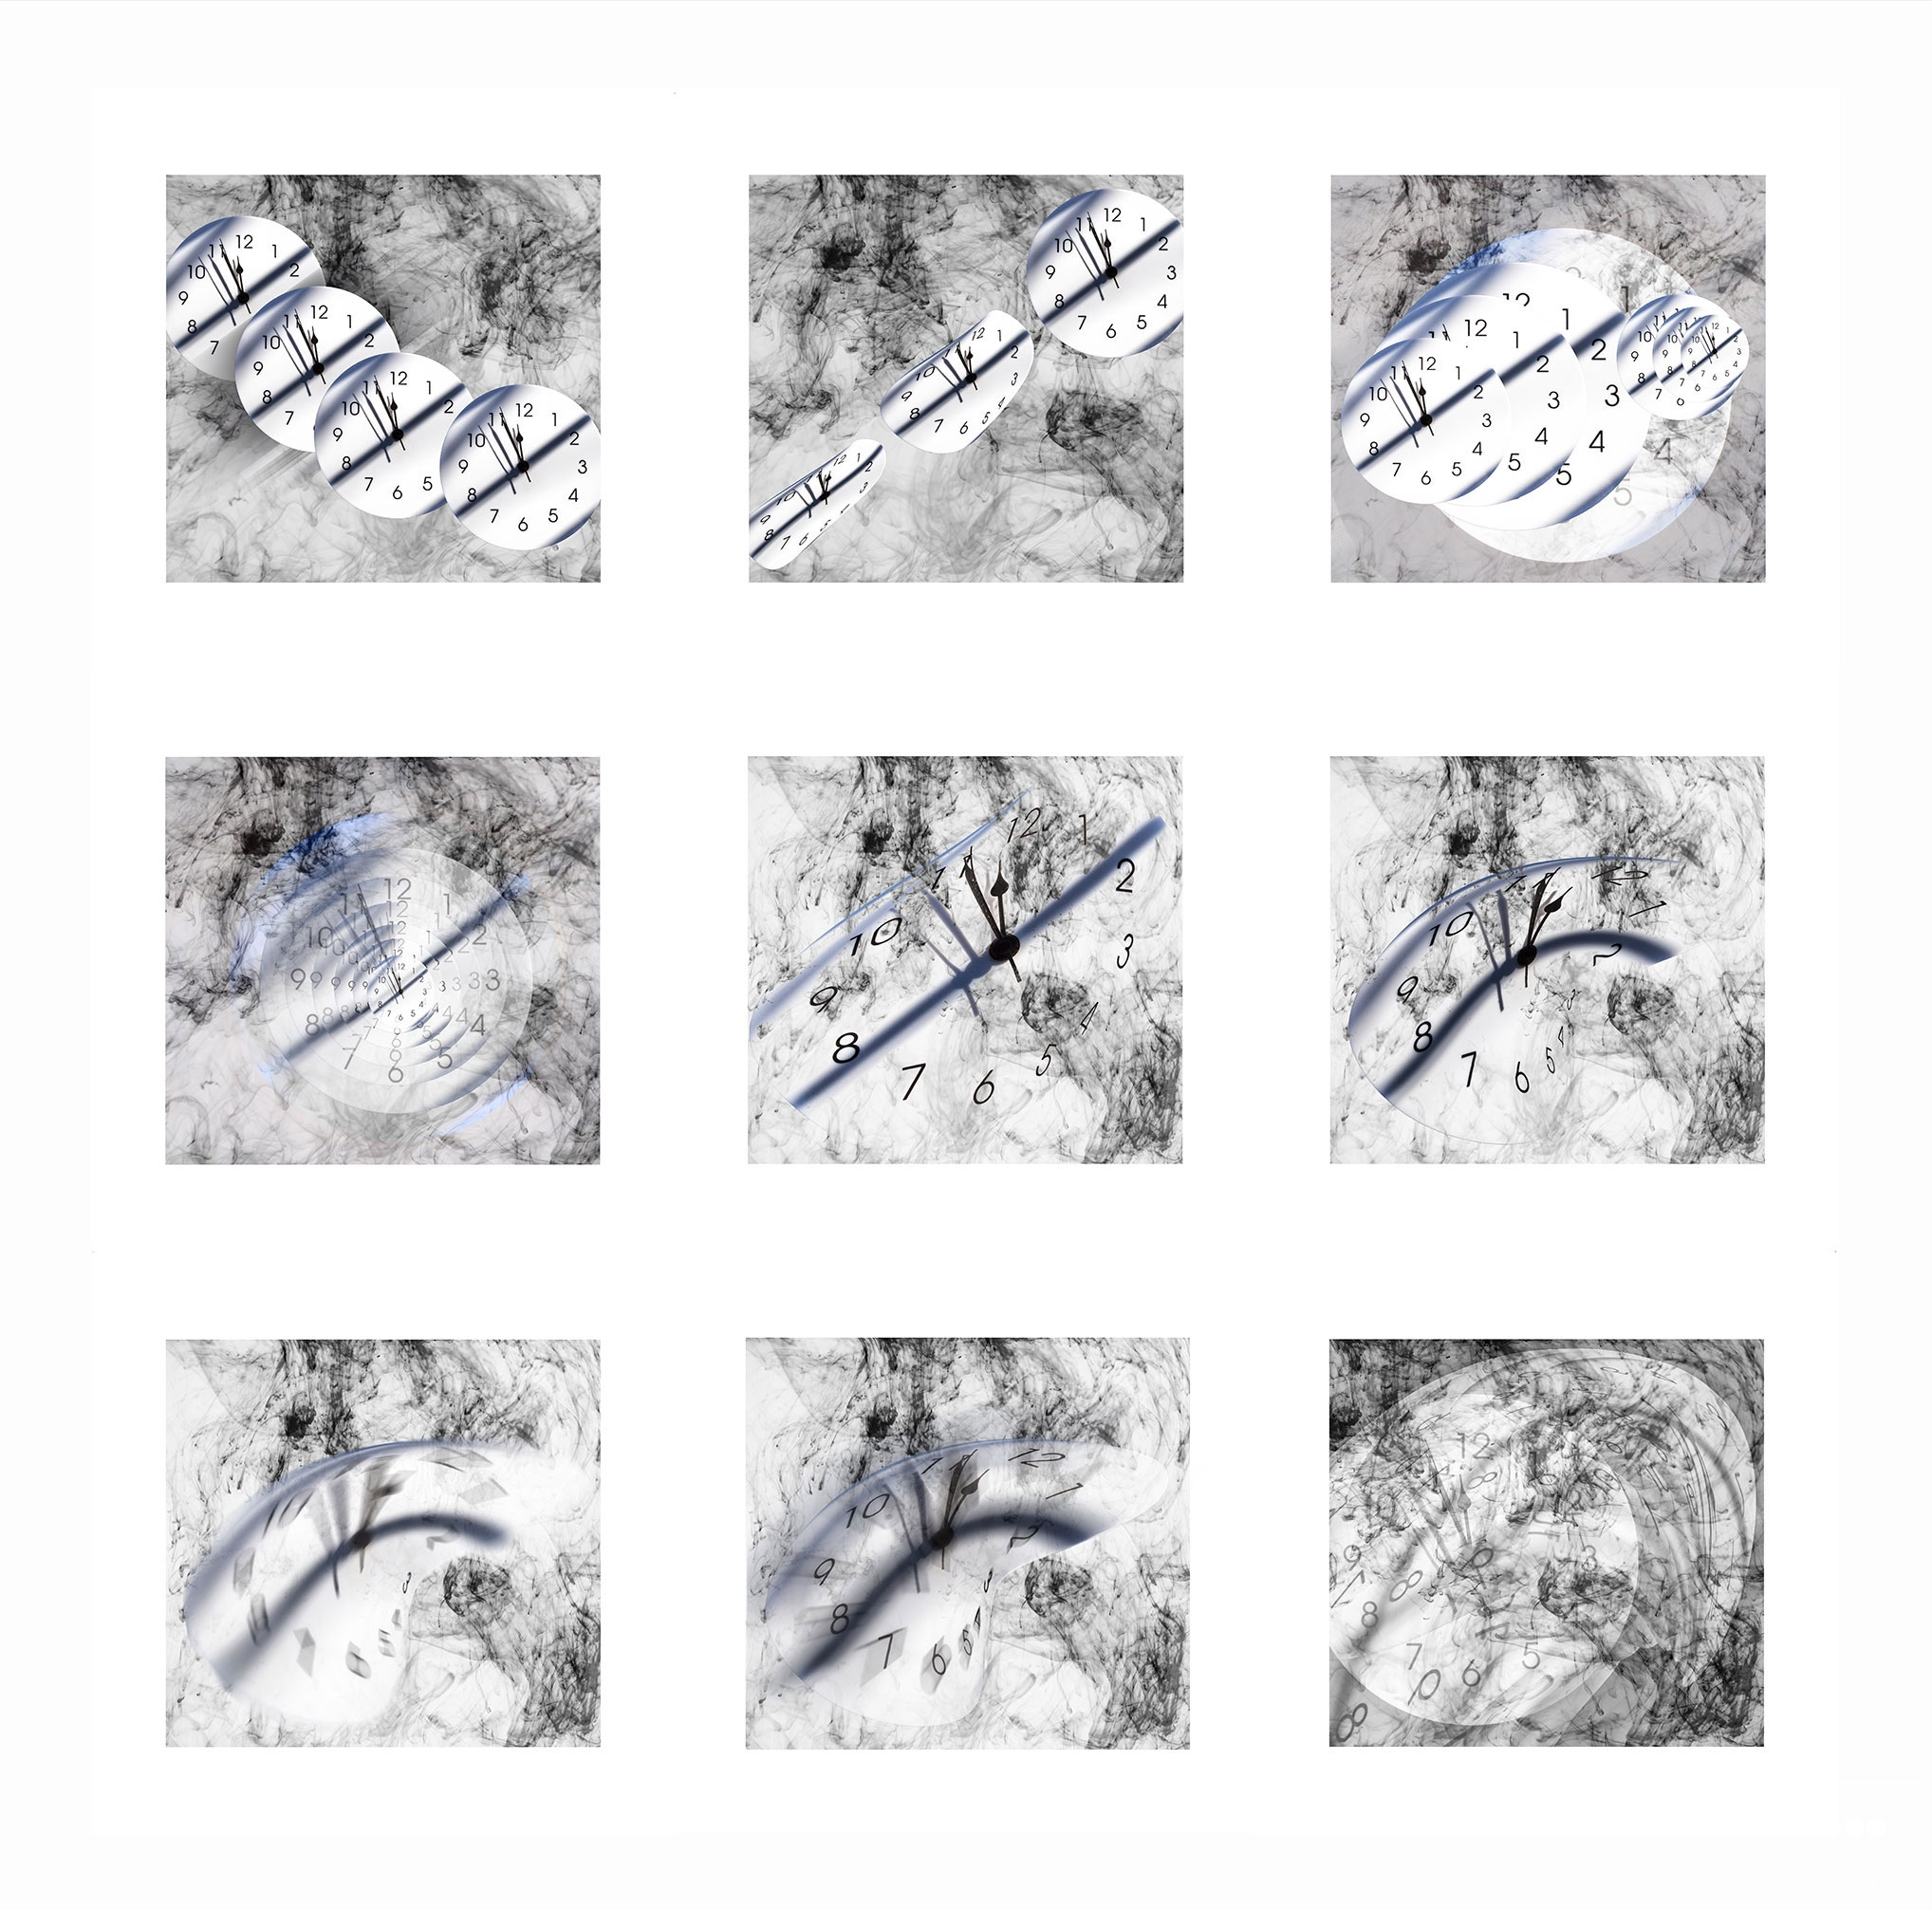 Kunstprojekt, 9er-Serie  Zeitvergänglichkeit, Wilfried Malkusch